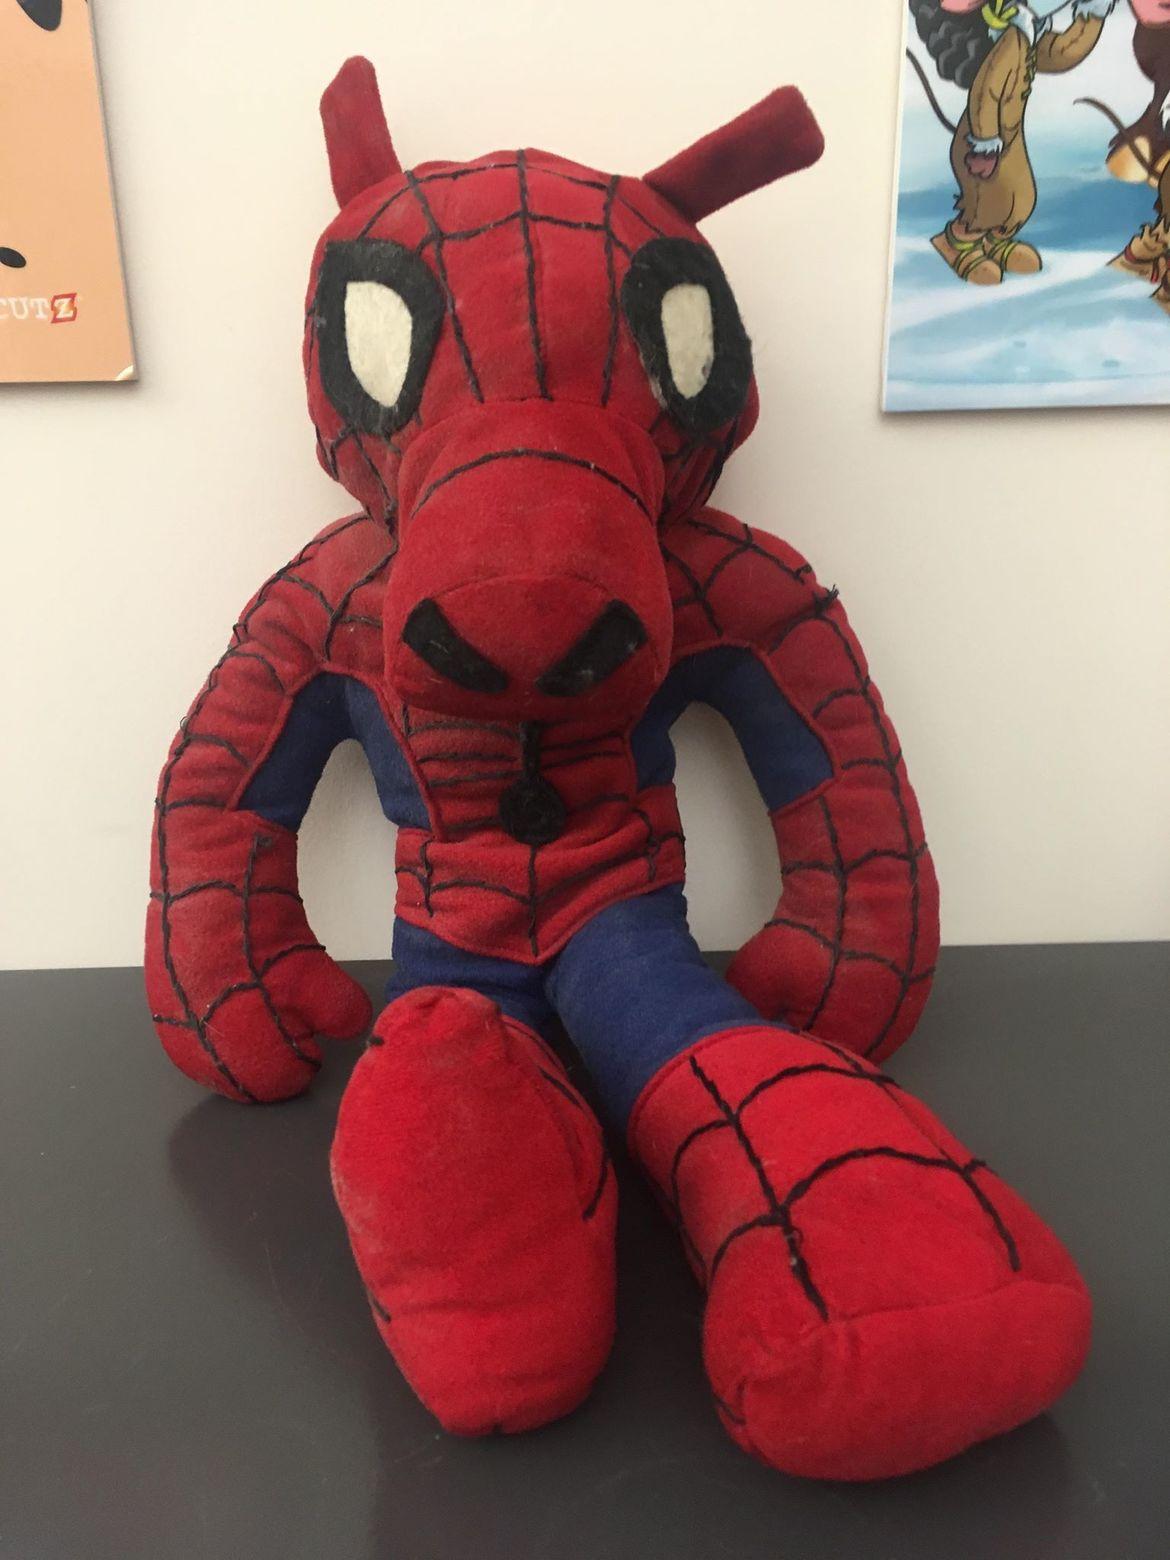 The original Spider-Ham plush doll